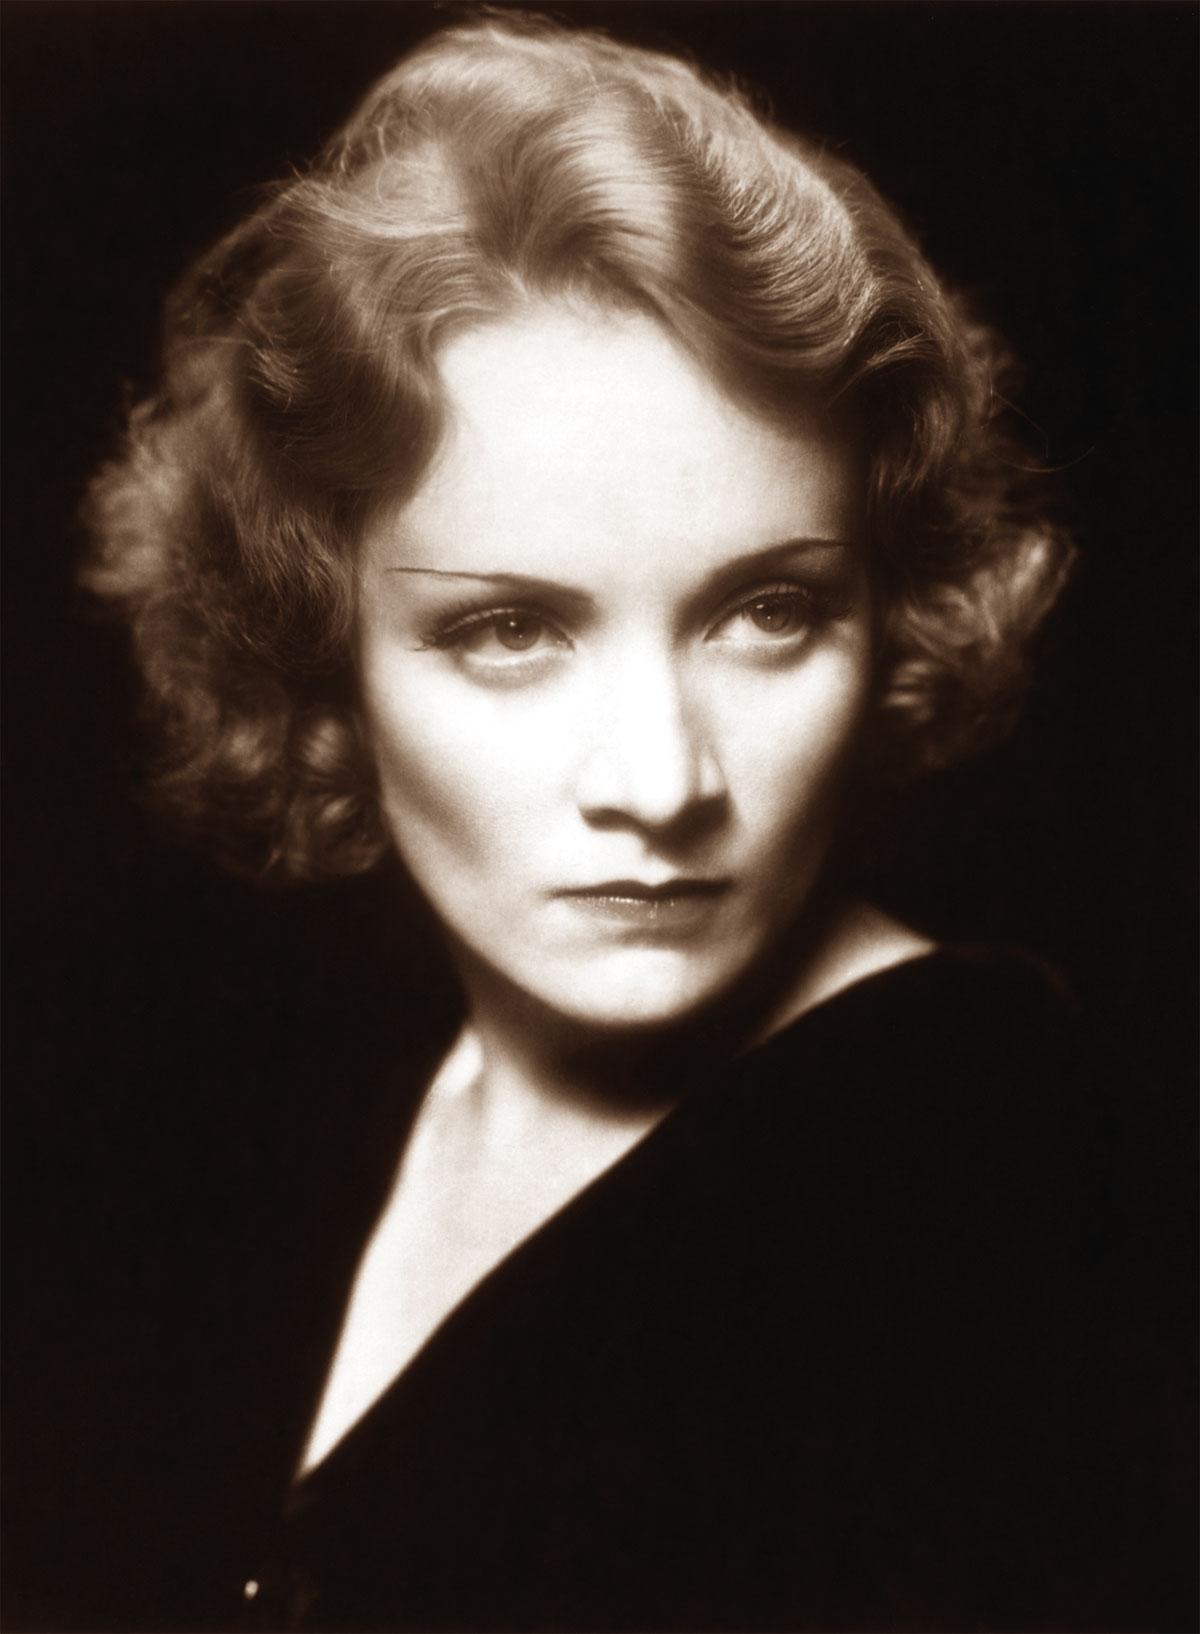 Foto di Marlene Dietrich